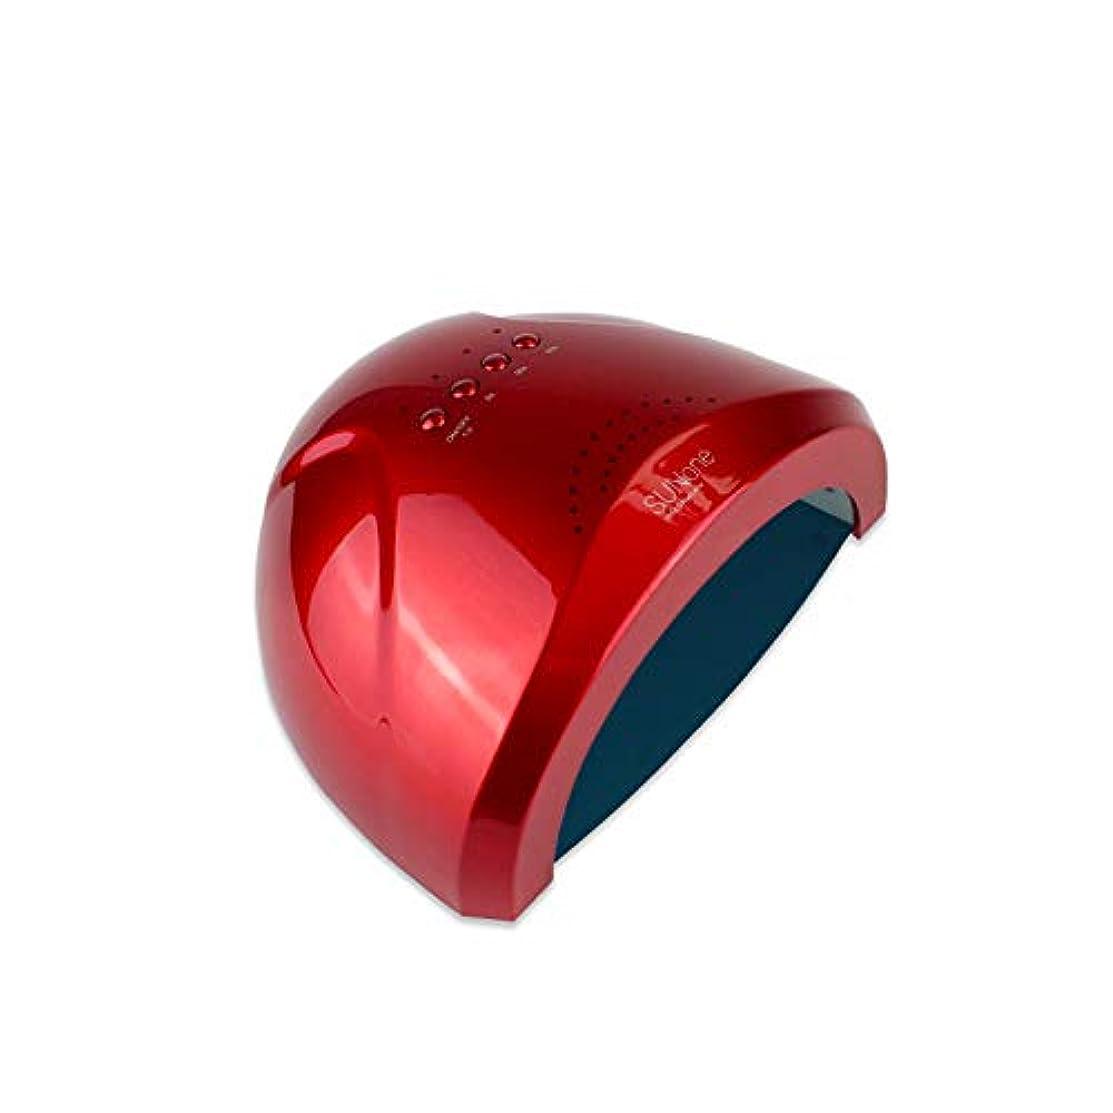 ワイド敬意を表するポーチLEDネイル光線療法機、ホームインテリジェントセンサー多機能リムーバブルネイルキュアマシン、デュアルソースネイルポリッシャー、ホテル/家族/ホテルに適しています